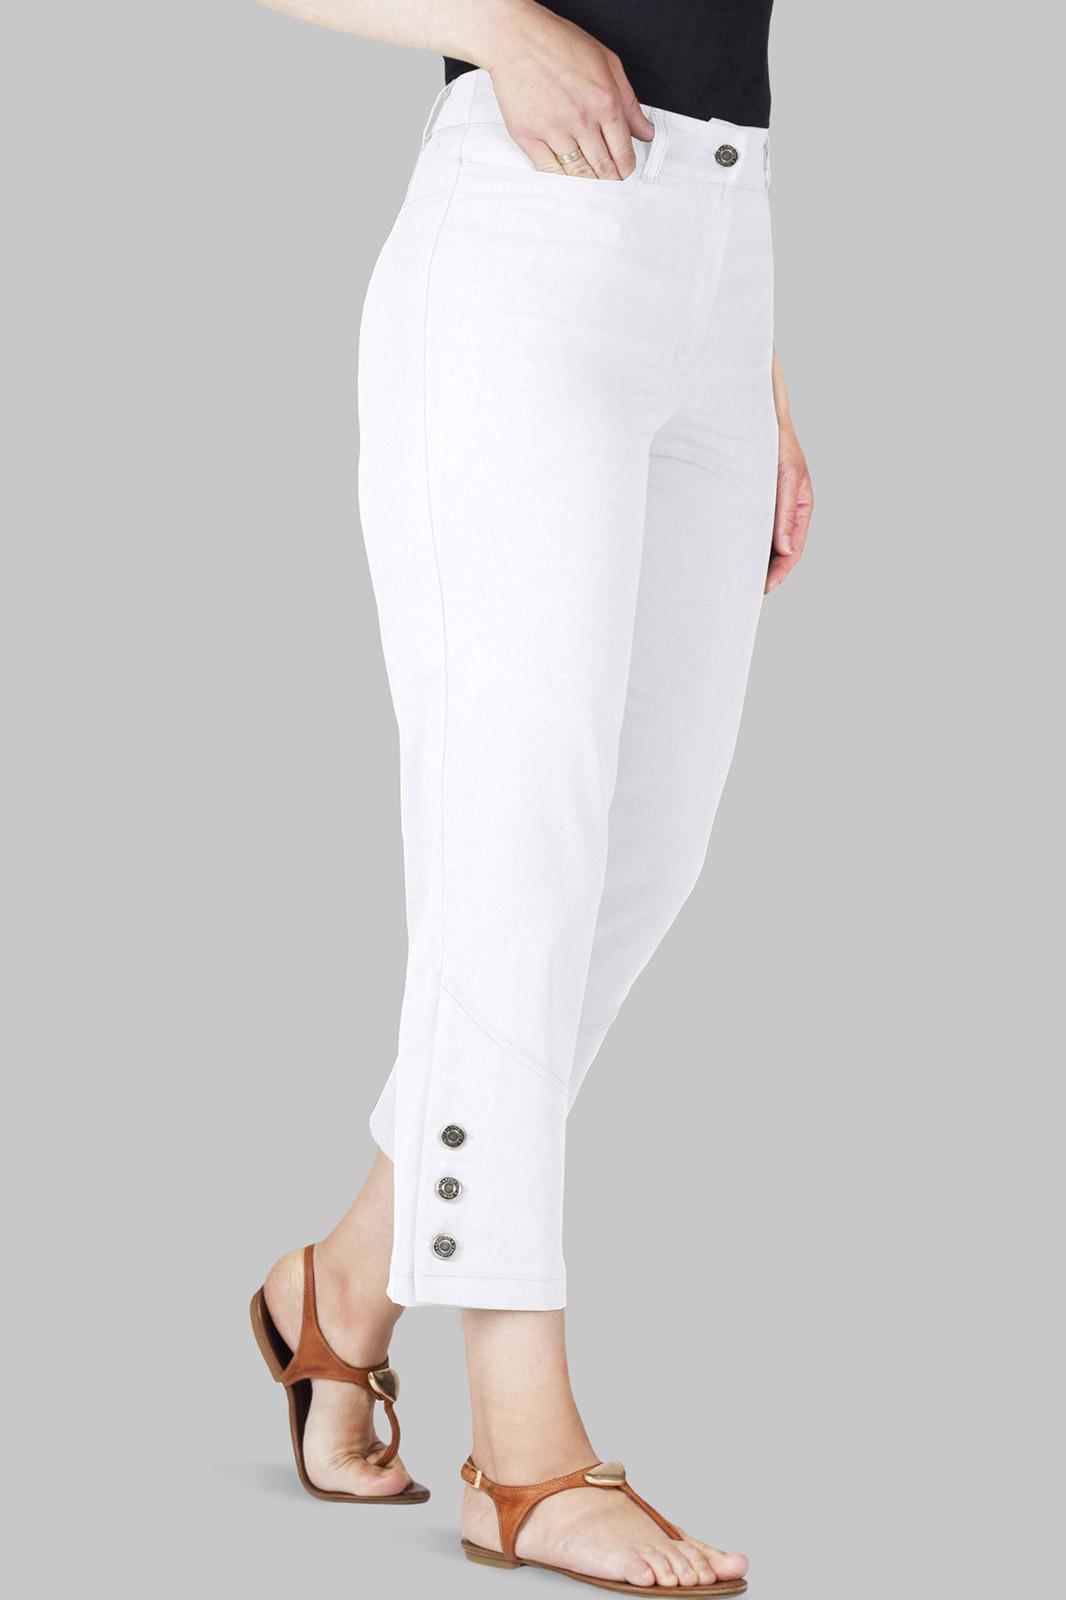 bafb36e1c768 Купить женские брюки больших размеров в Минске, цены